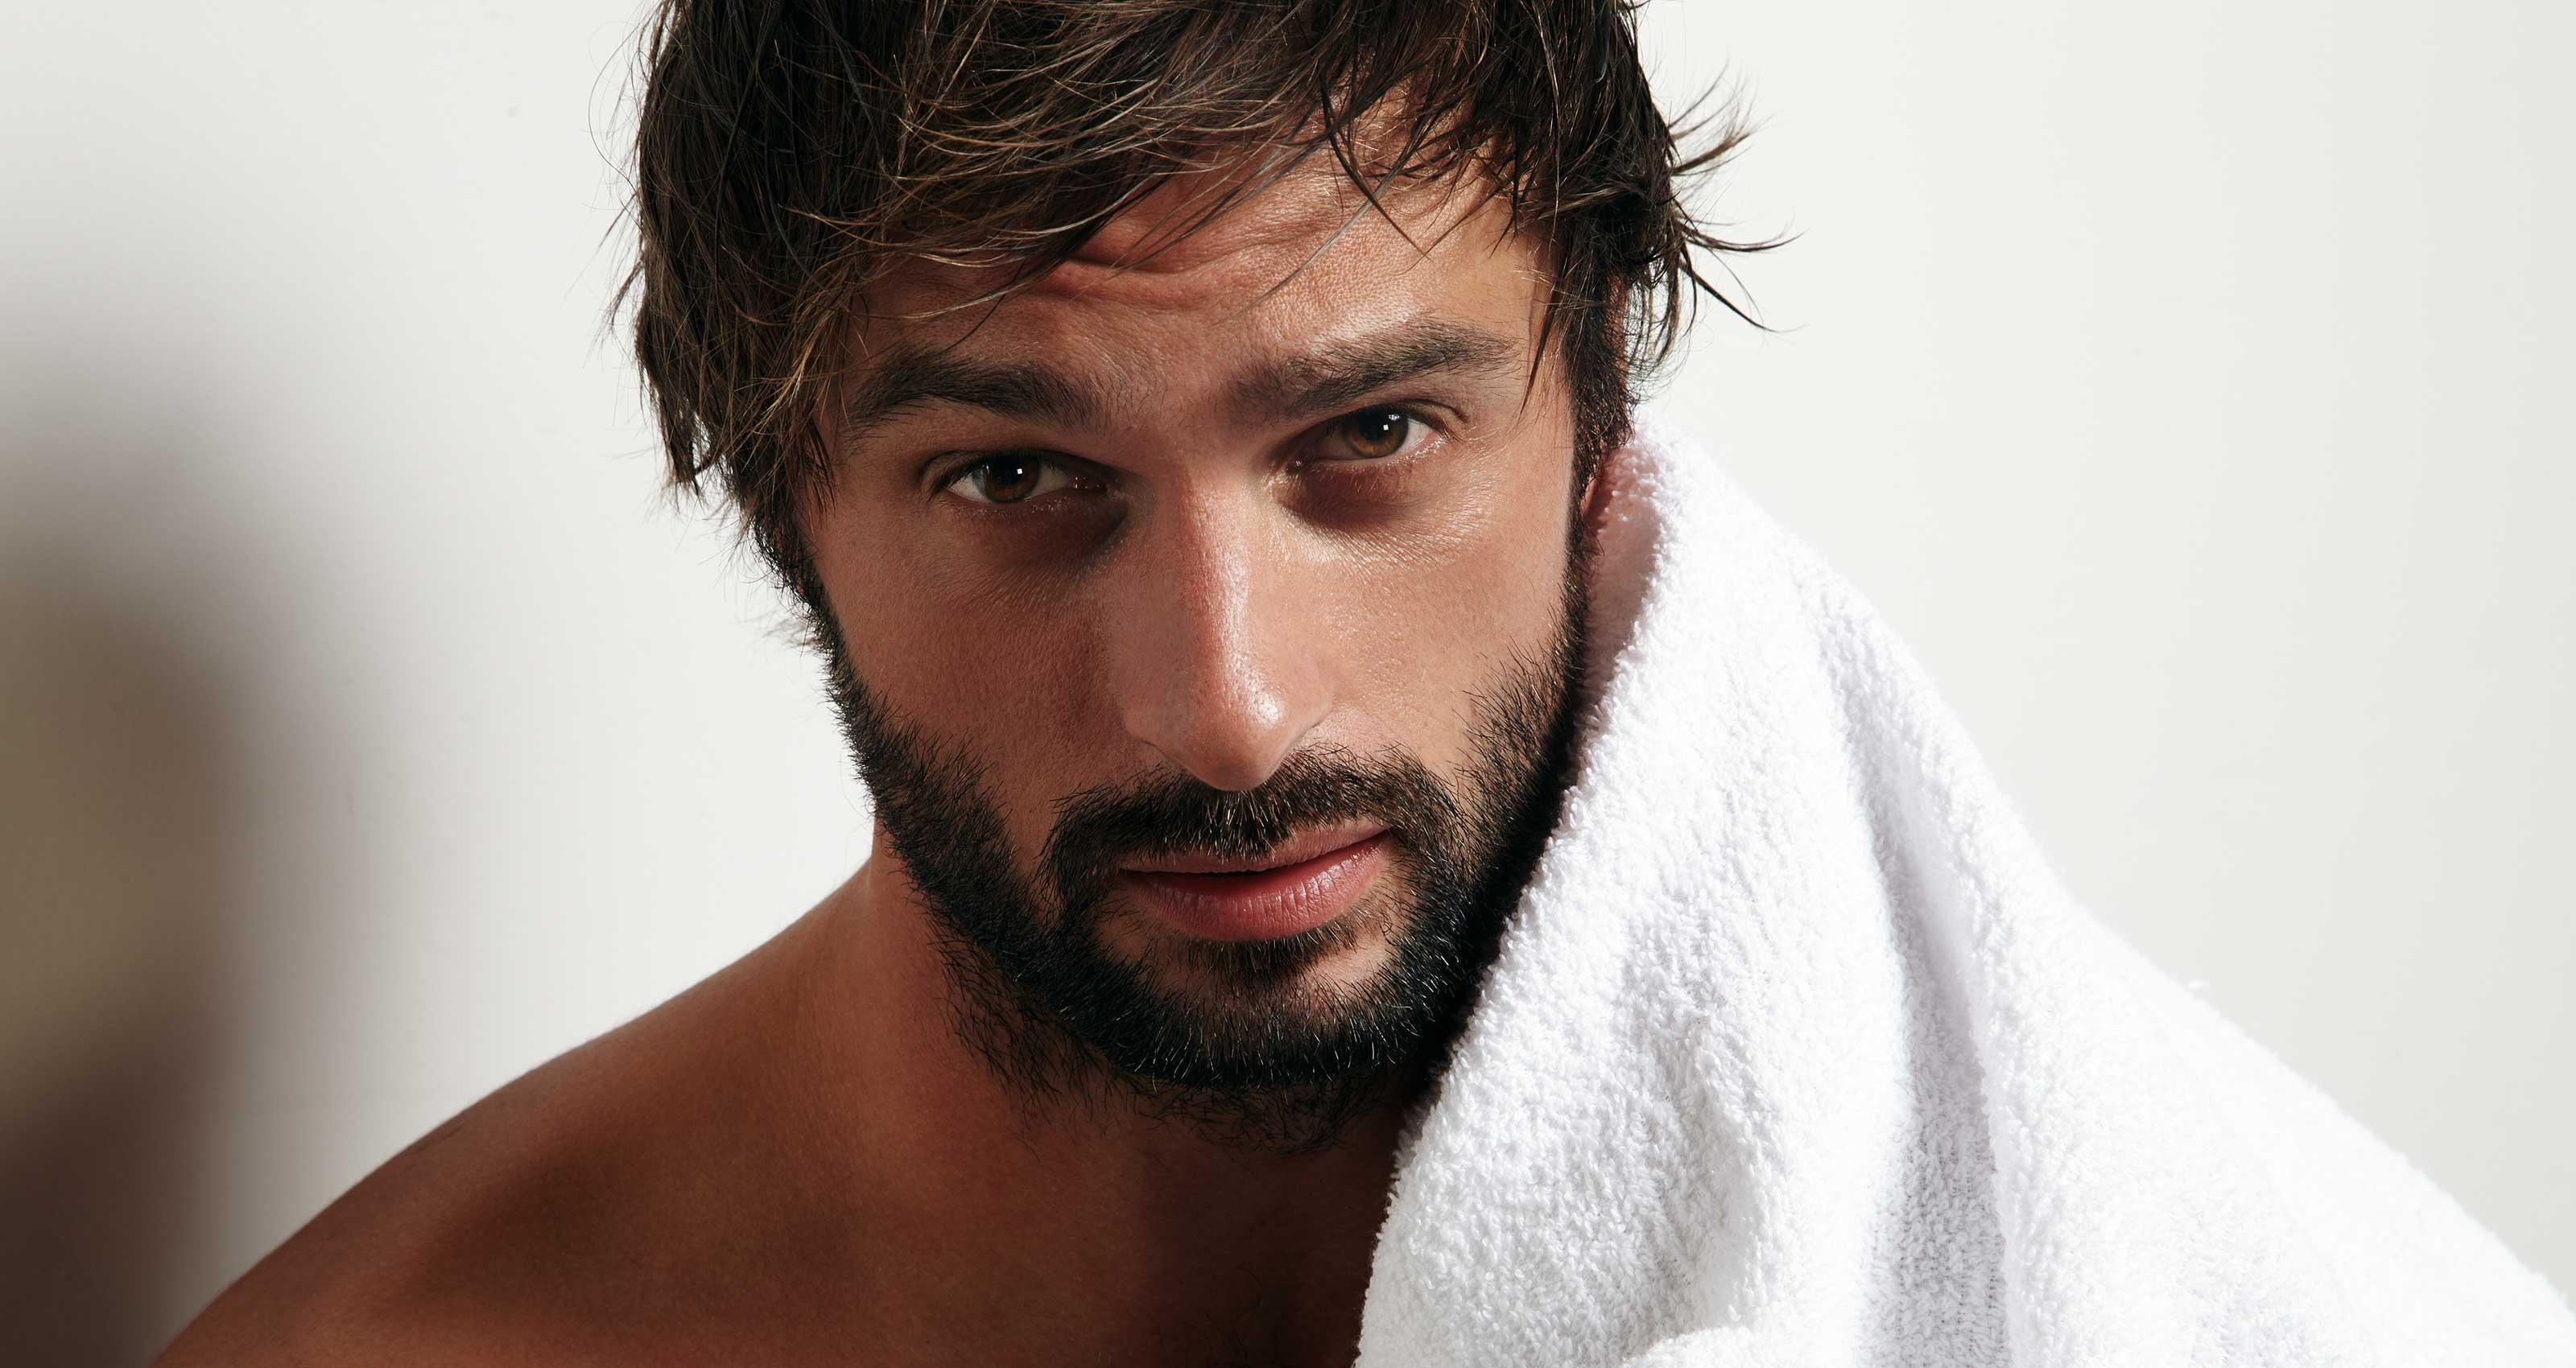 Energy spa for men